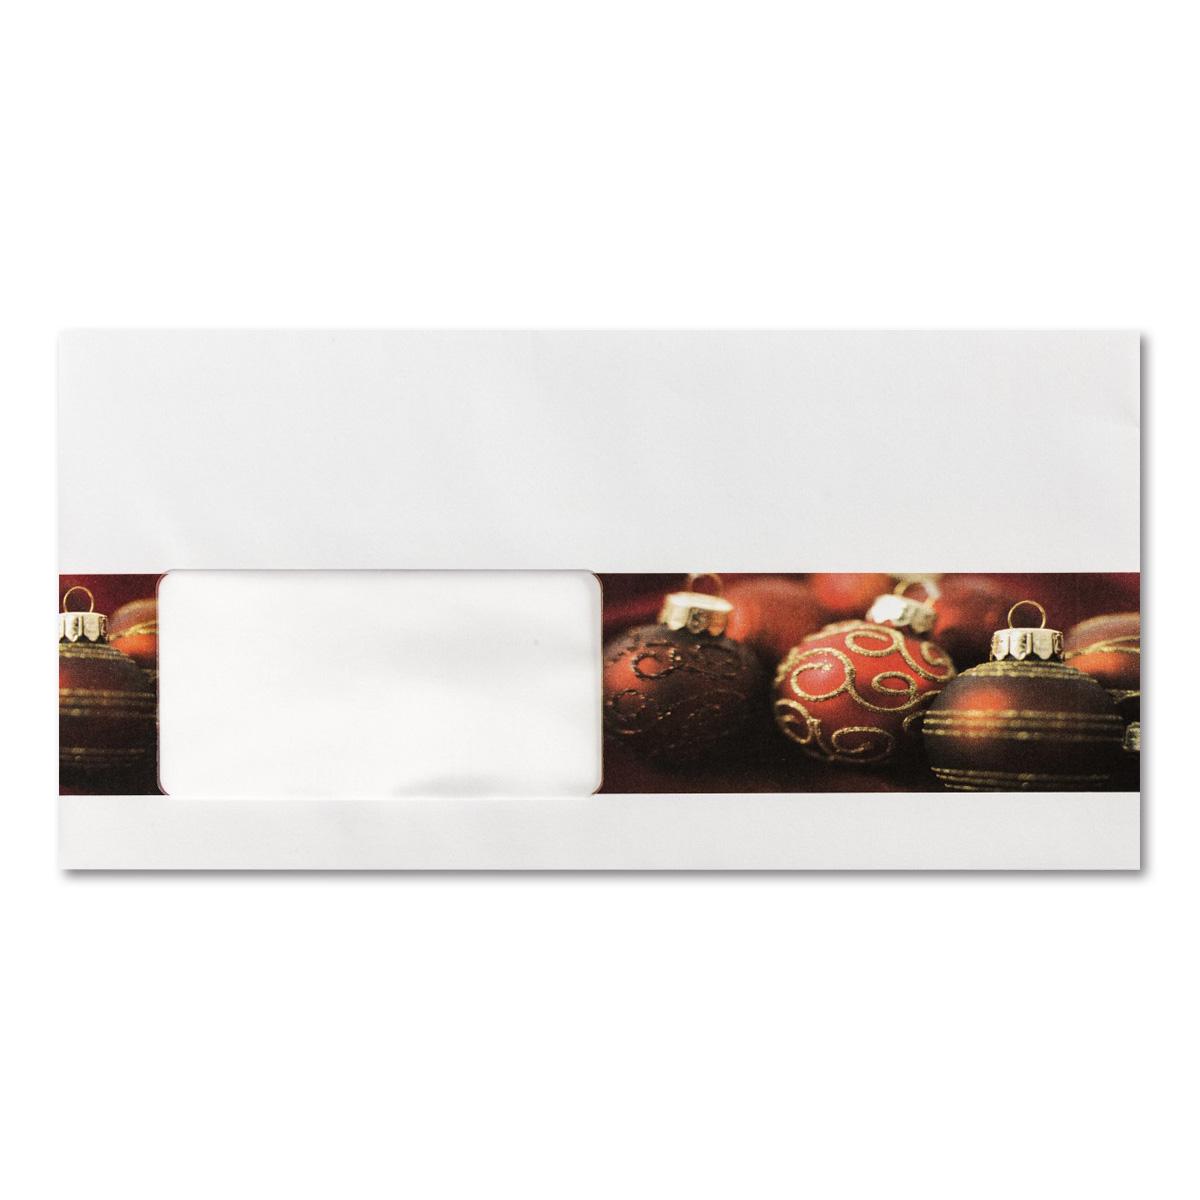 Rote Christbaumkugeln.Briefumschlag Mit Fenster Zu Weihnachtsbrief 96805 Rote Christbaumkugeln